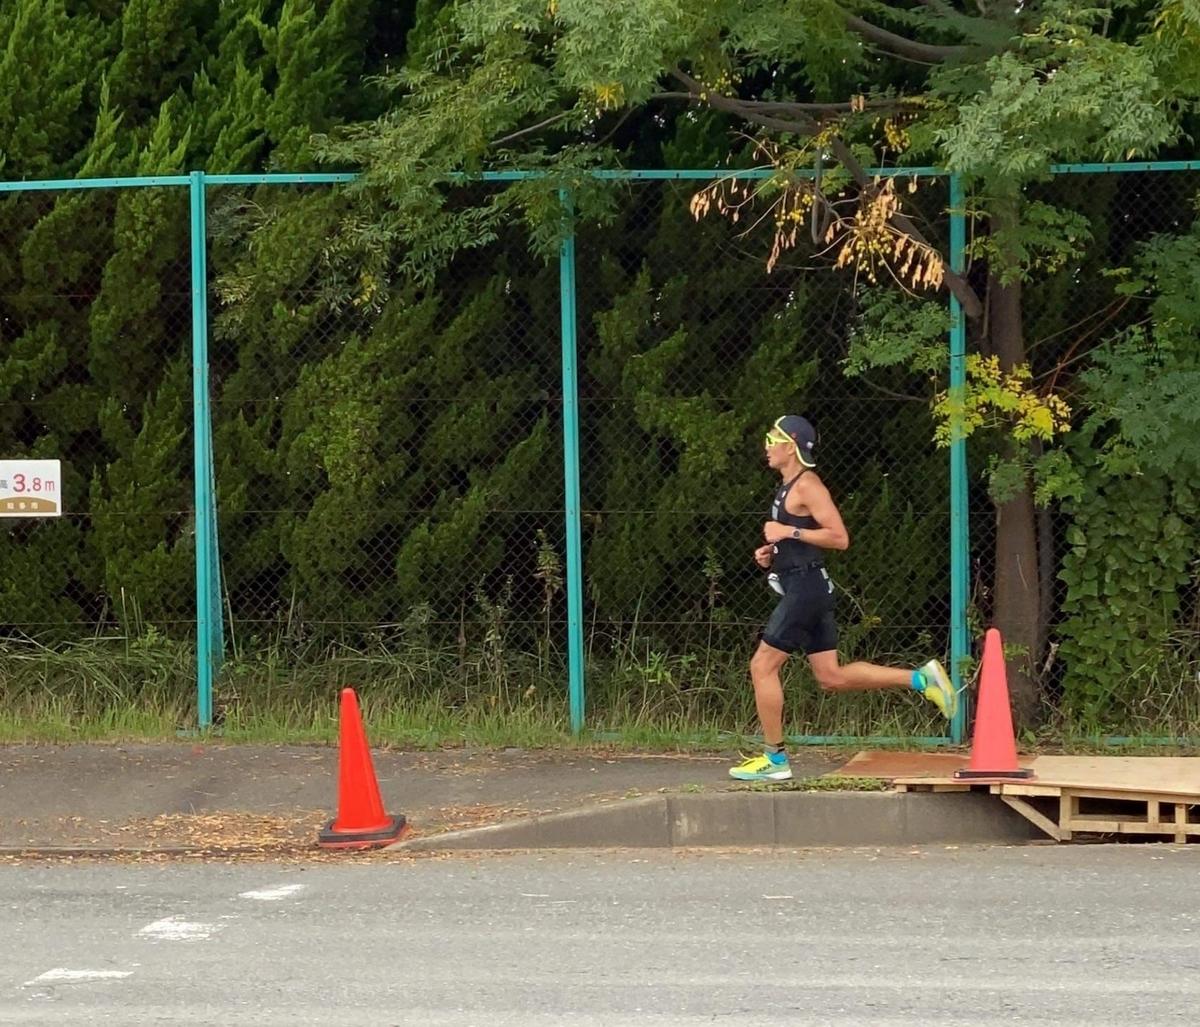 f:id:triathlon_runbikeswim:20201024183934j:plain